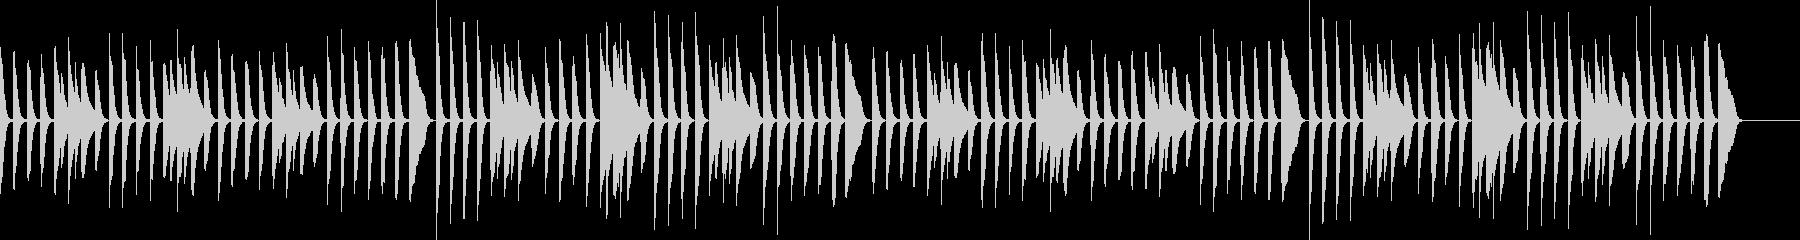 Children Pianoの未再生の波形